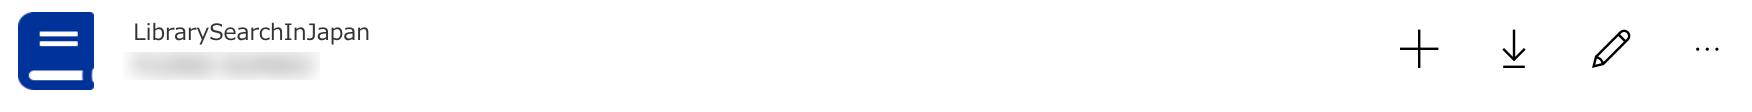 スクリーンショット 2021-02-19 14.34.49.png